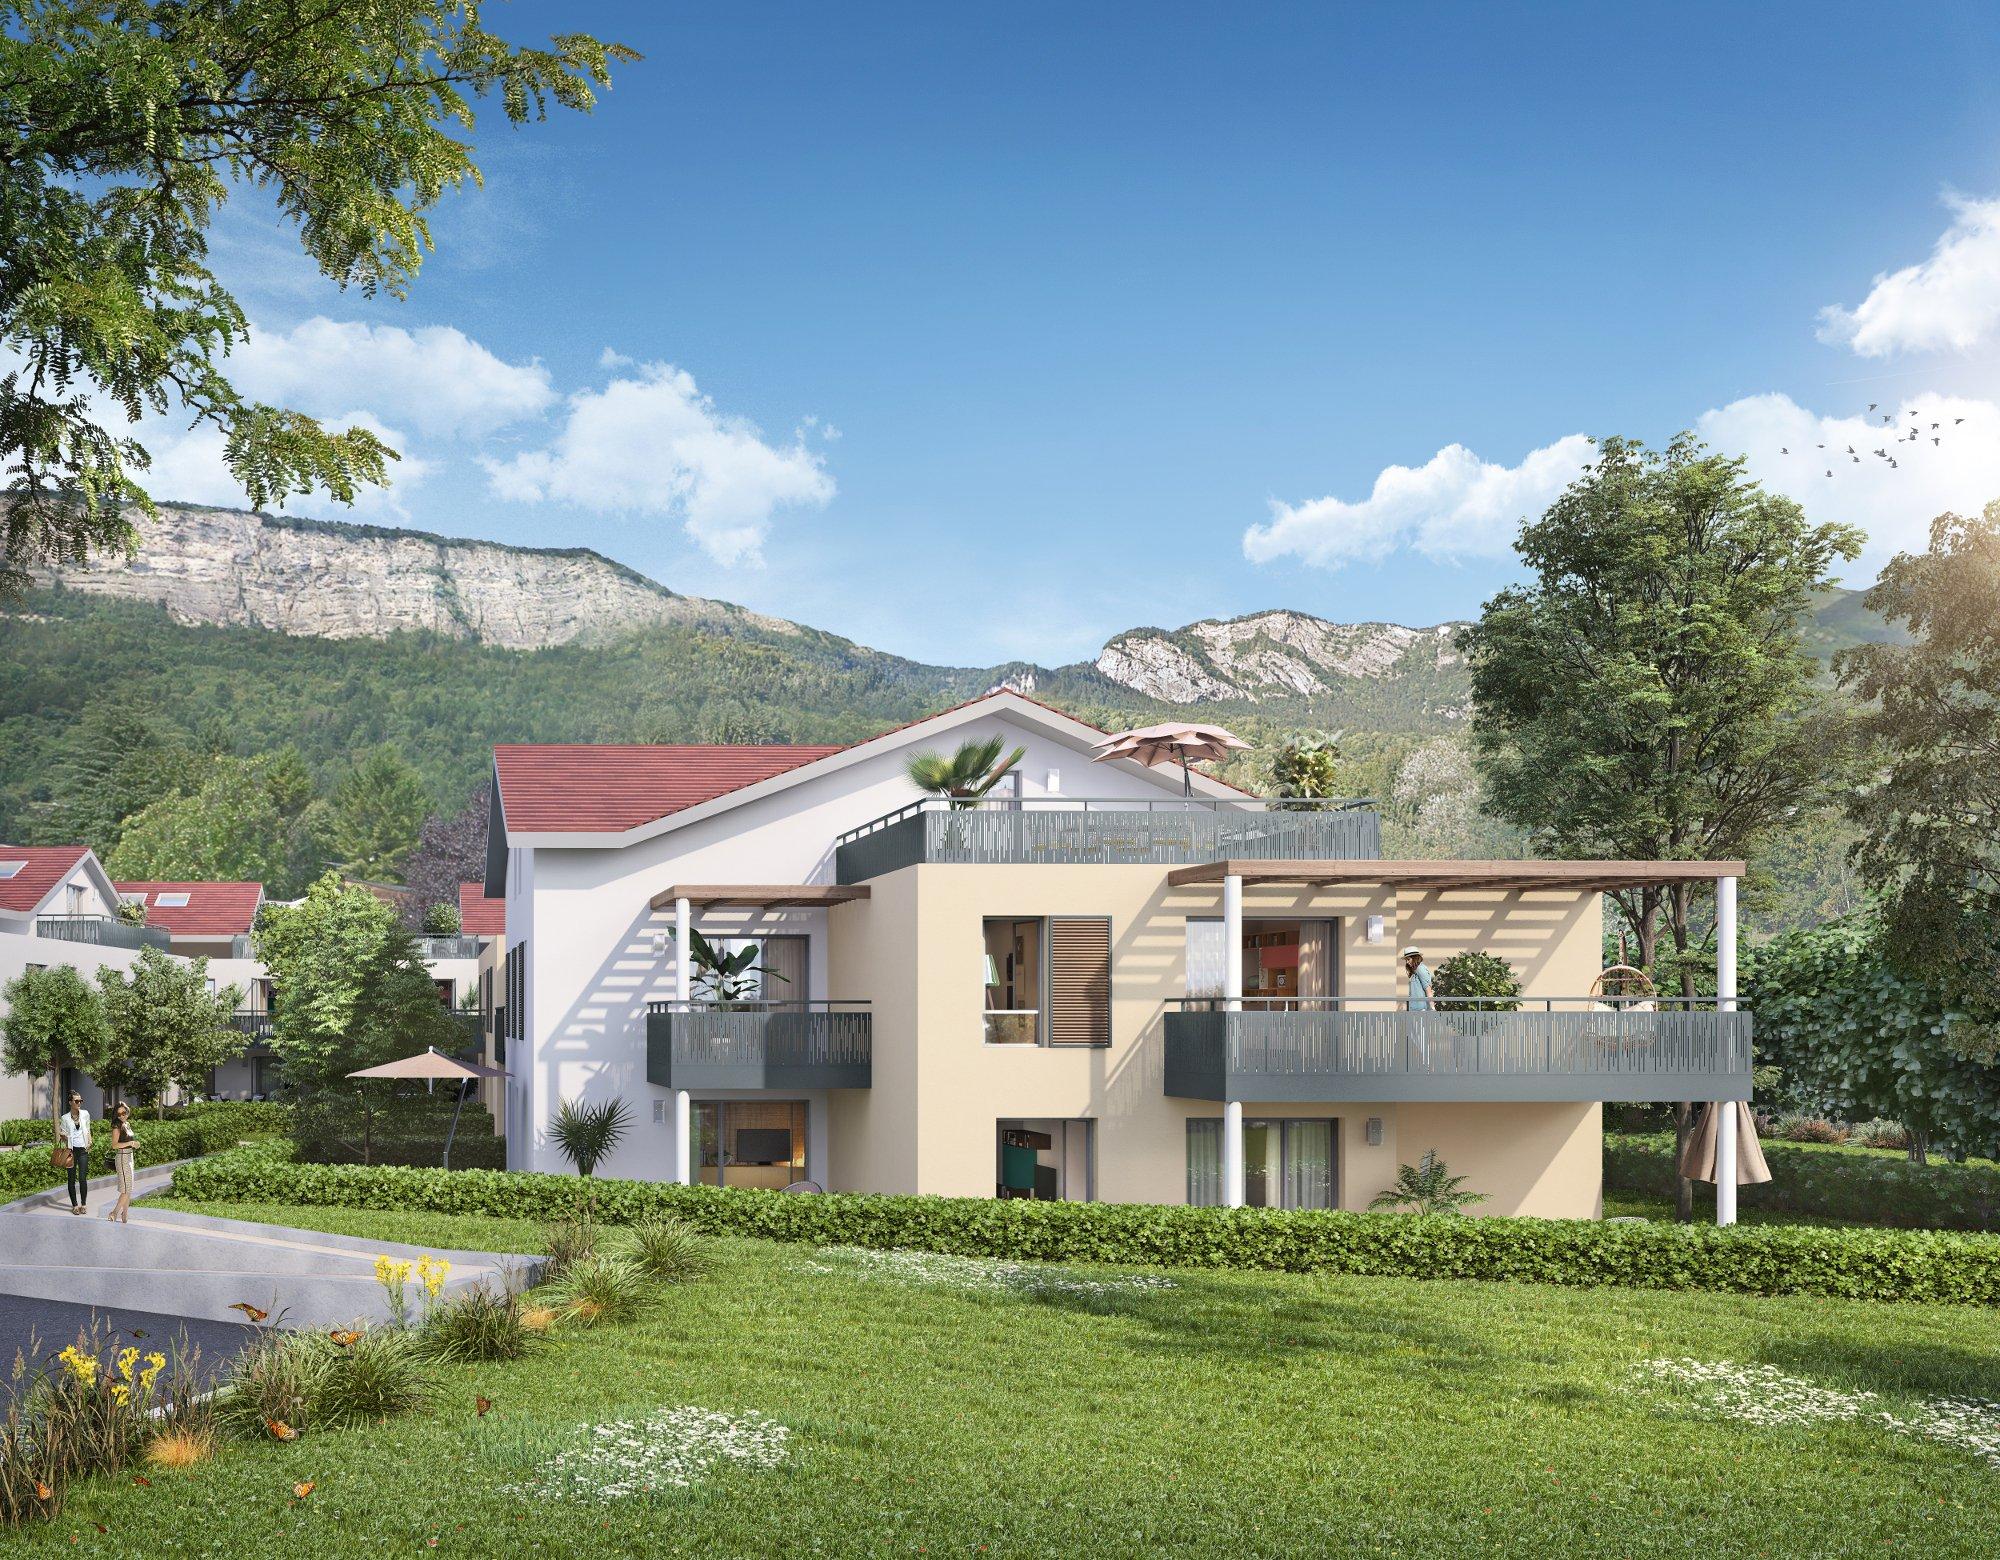 Programme immobilier Bonneville (74130) Résidence nichée dans un environnement verdoyant, CRA9